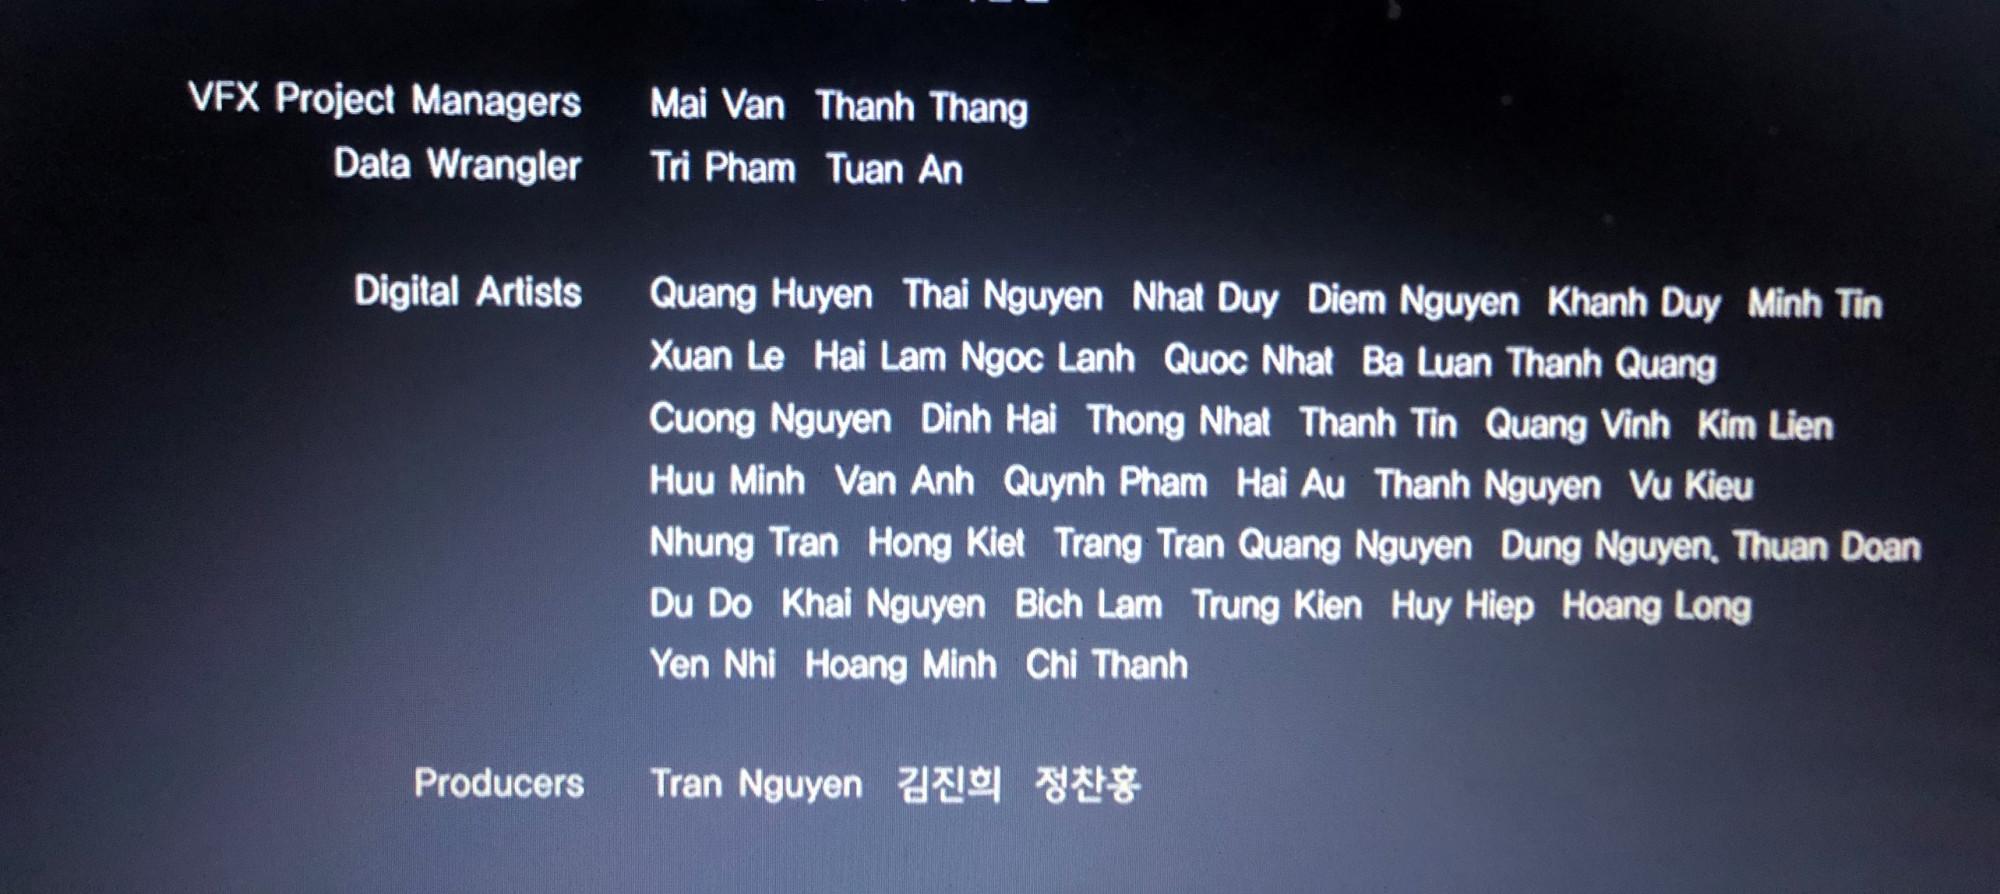 Đội ngũ Việt Nam sáng tạo đồ họa cho bom tấn Squid Game